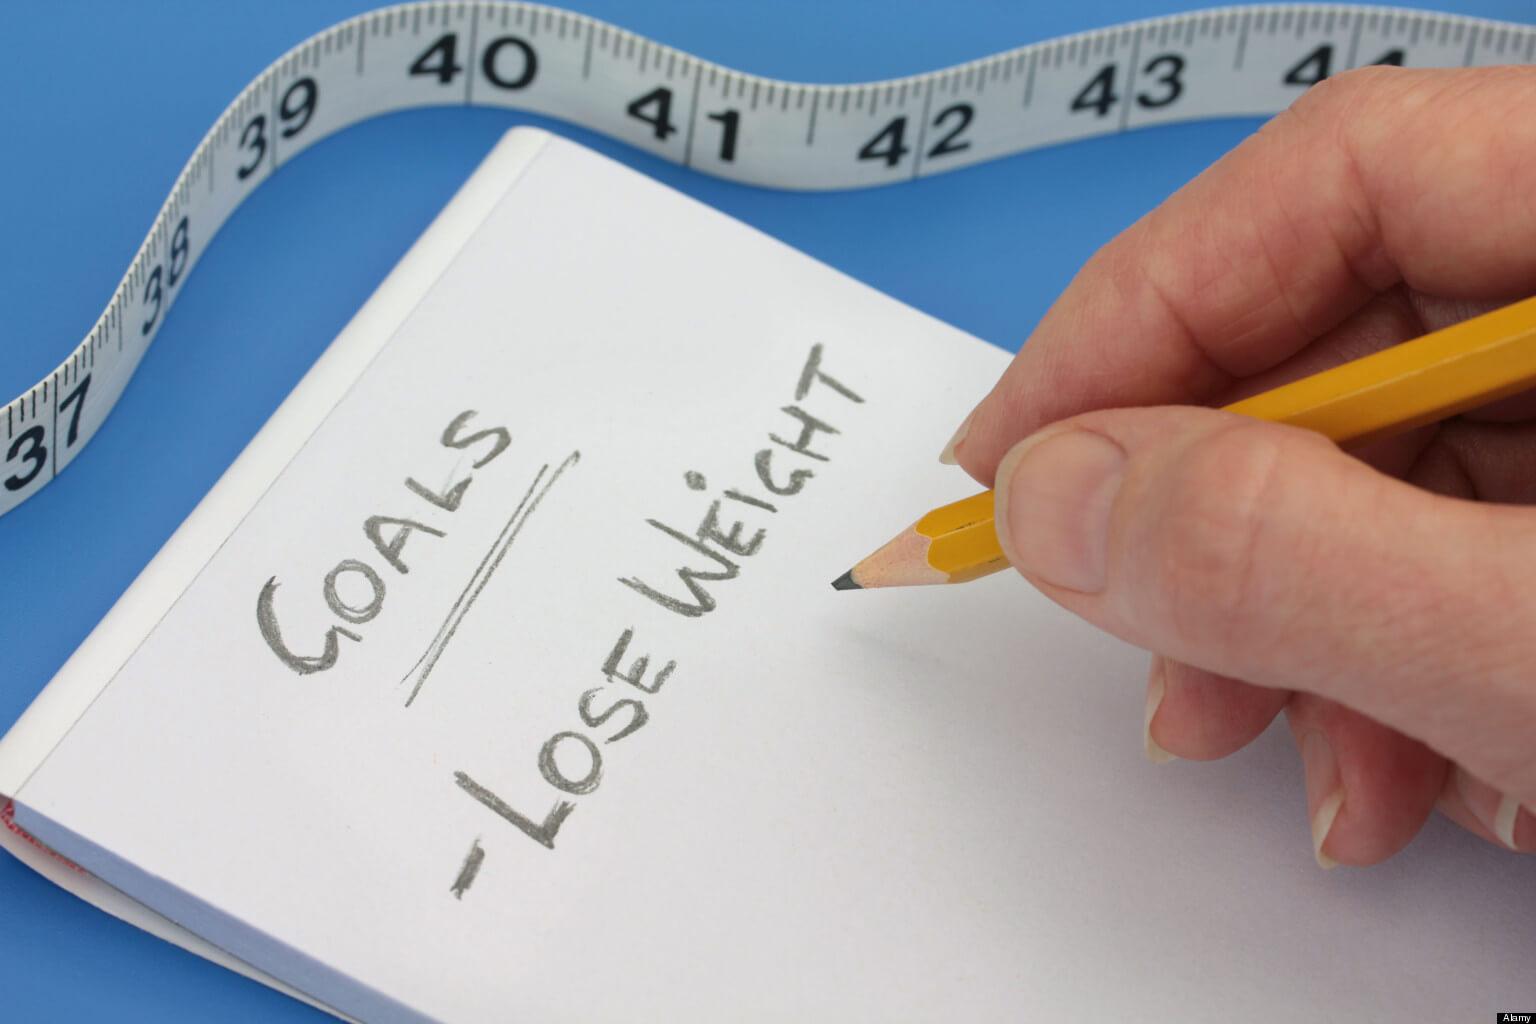 Weight loss goal setting smart weight loss goals truweight lose weight goals ccuart Gallery